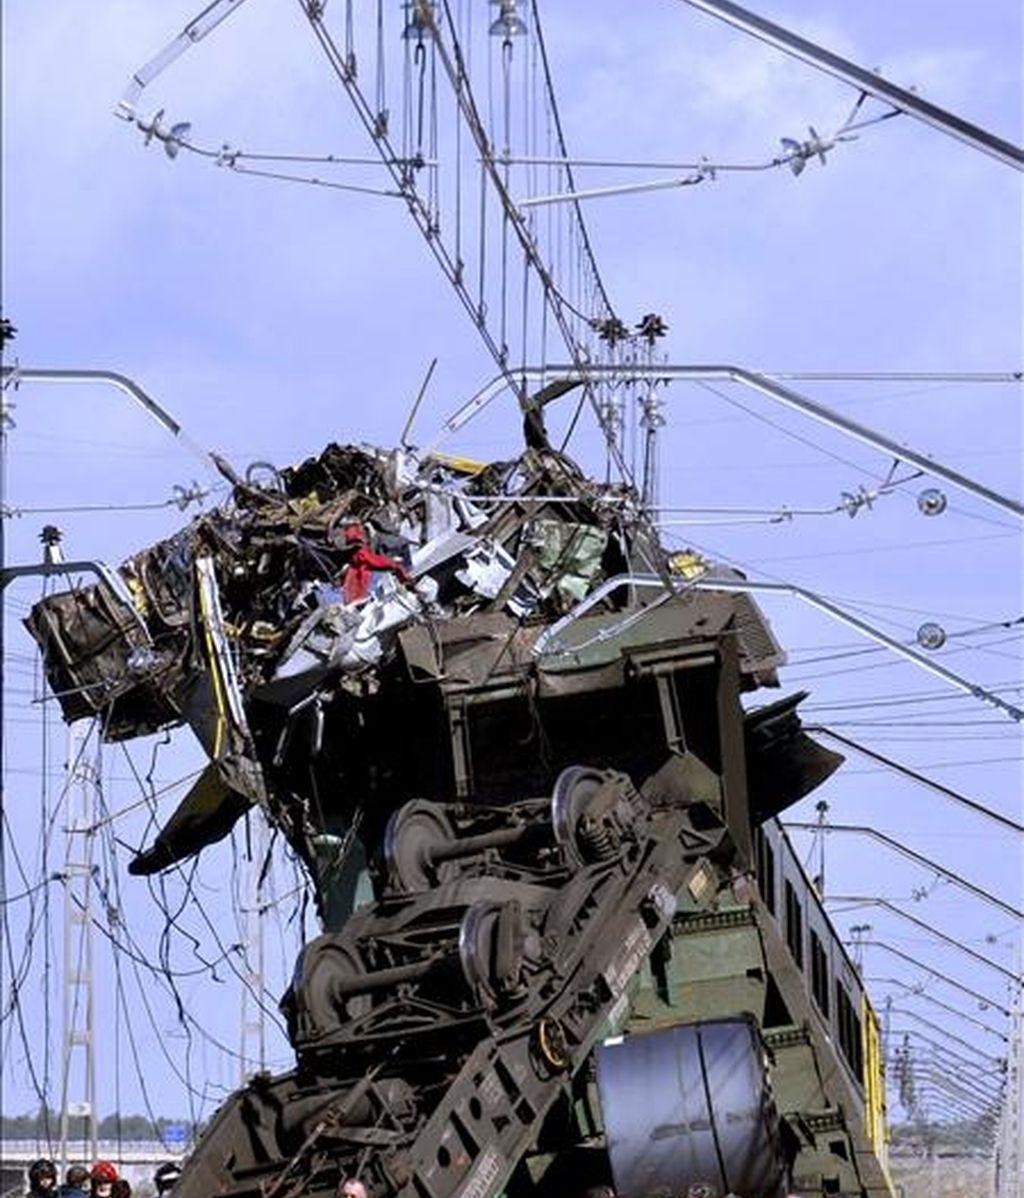 La locomotora de uno de los dos trenes de mercancías que colisionaron esta madrugada en las inmediaciones de la estación de Arévalo aparece subida sobre la del otro tras el accidente, en el que falleció el maquinista de uno de ellos. EFE